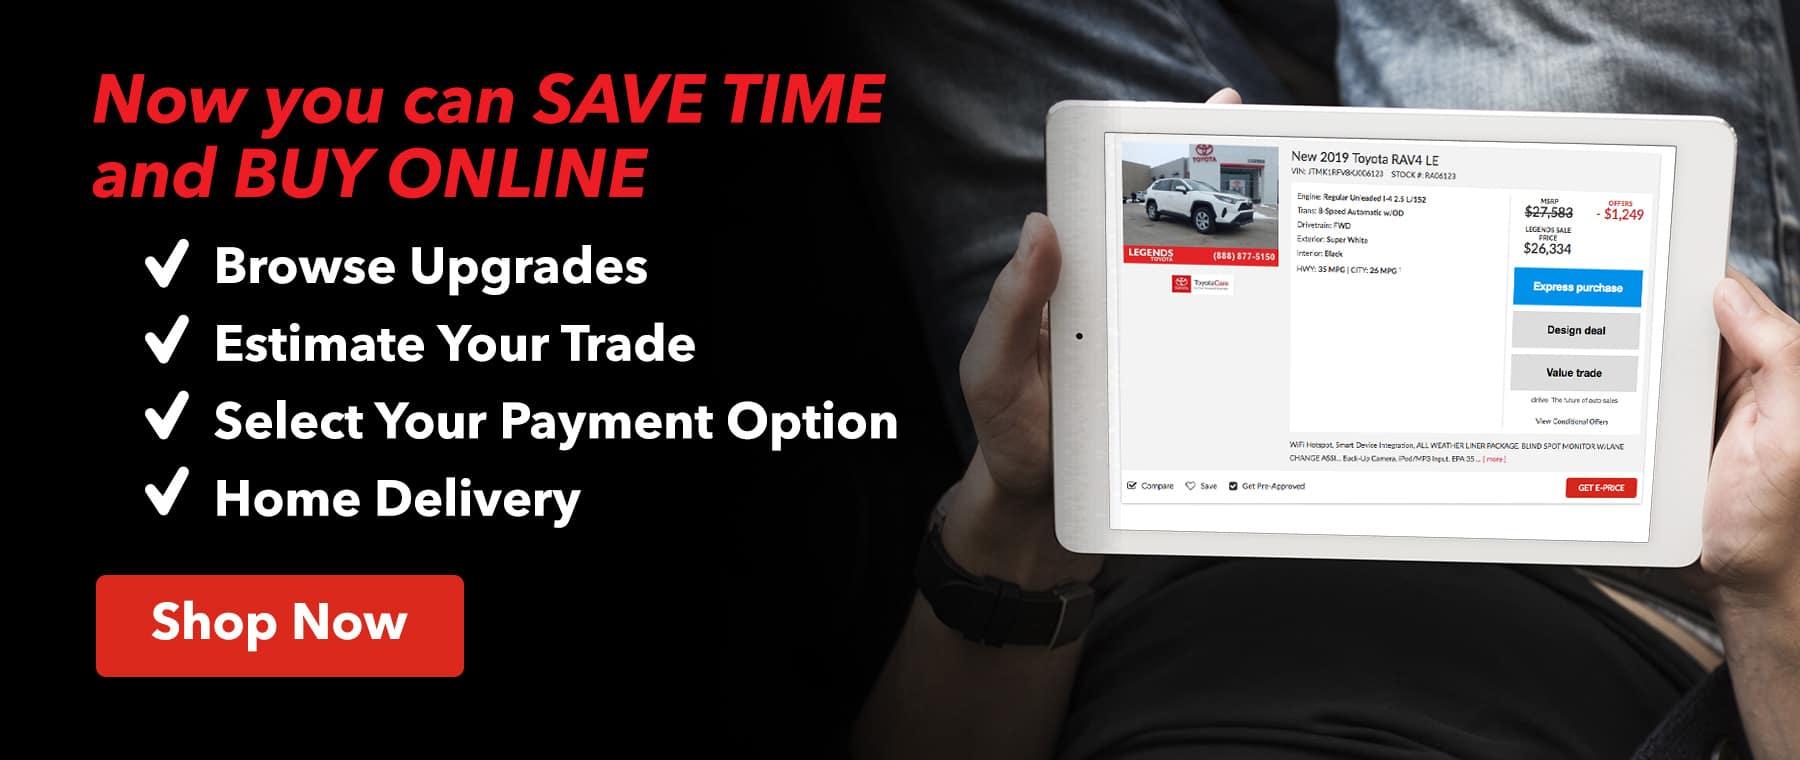 Shop Online At Legends Toyota